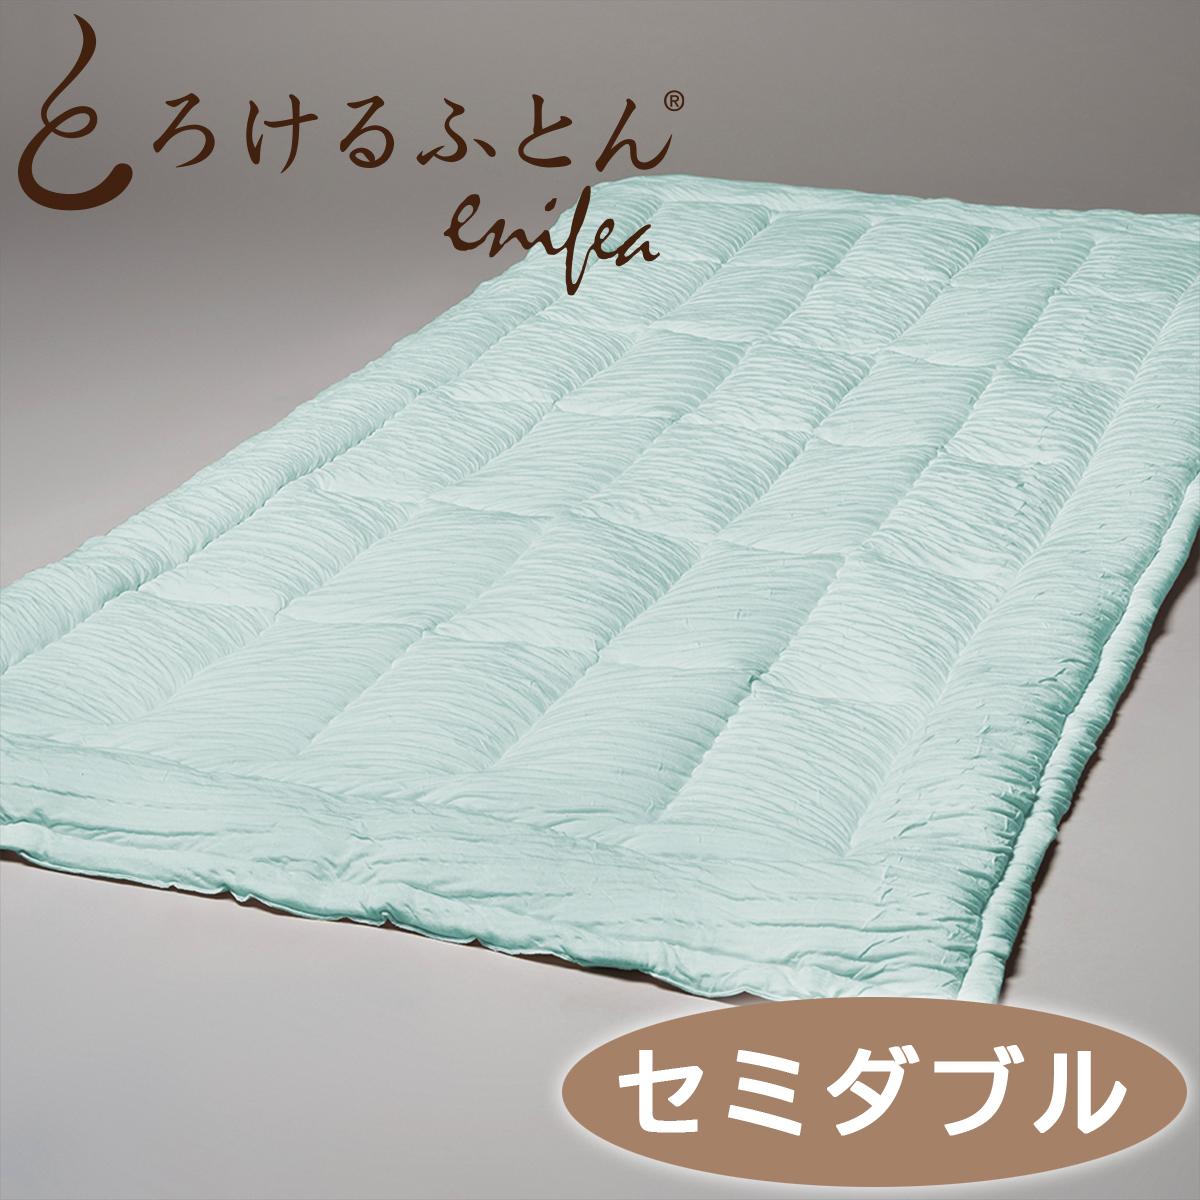 とろけるふとん 2 とろける布団 敷きパッド 保証 想像を超える やわらかさの絶頂へ この上なく幸せな眠り心地を味わったらもう手放せなくなるはず enifea II セミダブル 洗える 柔らか 保湿 放湿 快眠博士 緑 ディーブレス ミントグリーン 70%OFFアウトレット 吸収